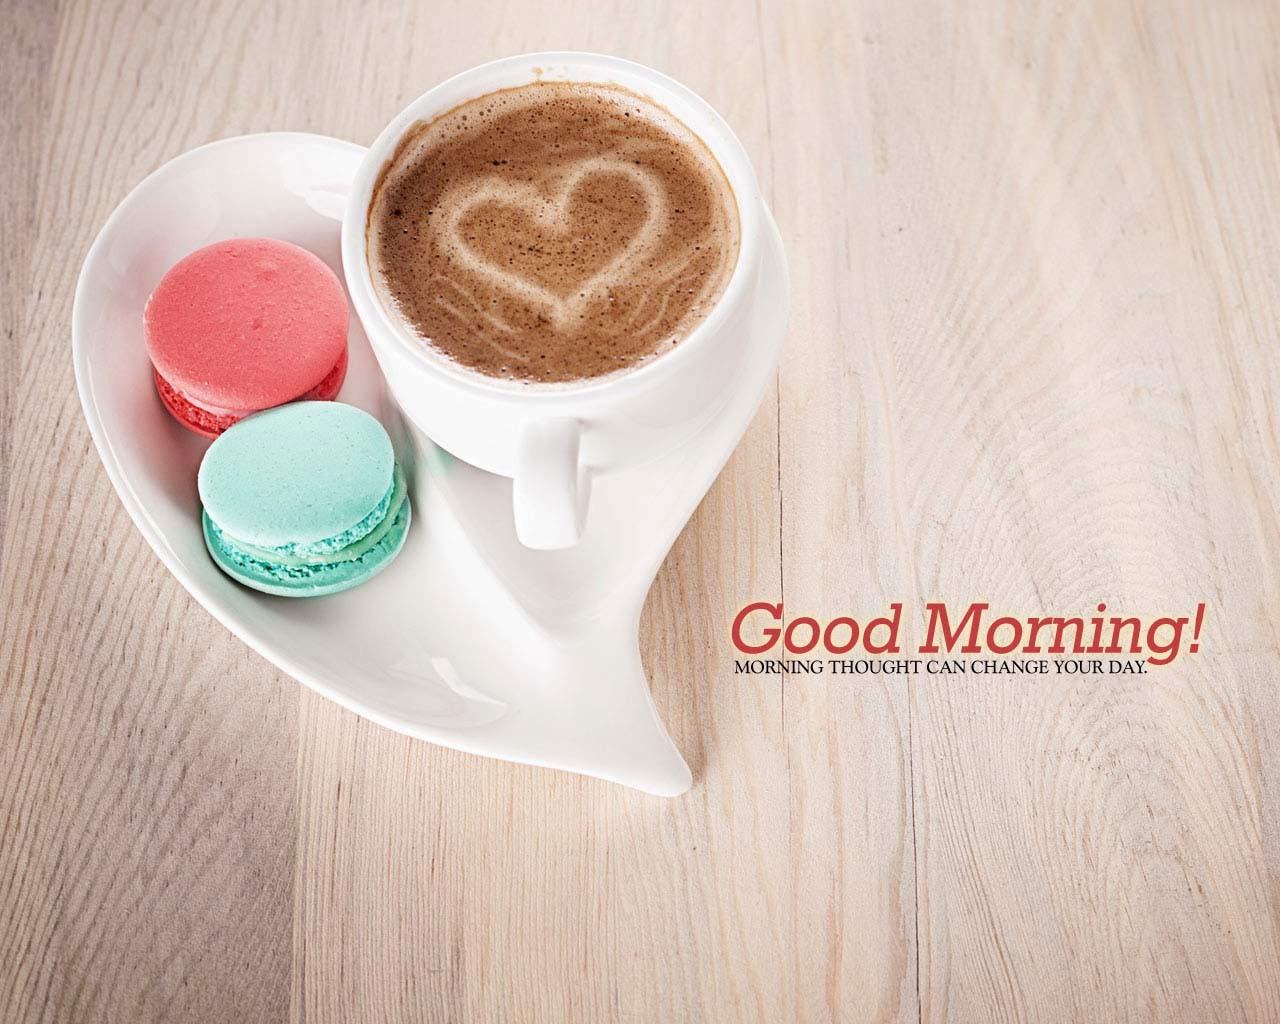 صور صباح الخير وصور للصباح (60)